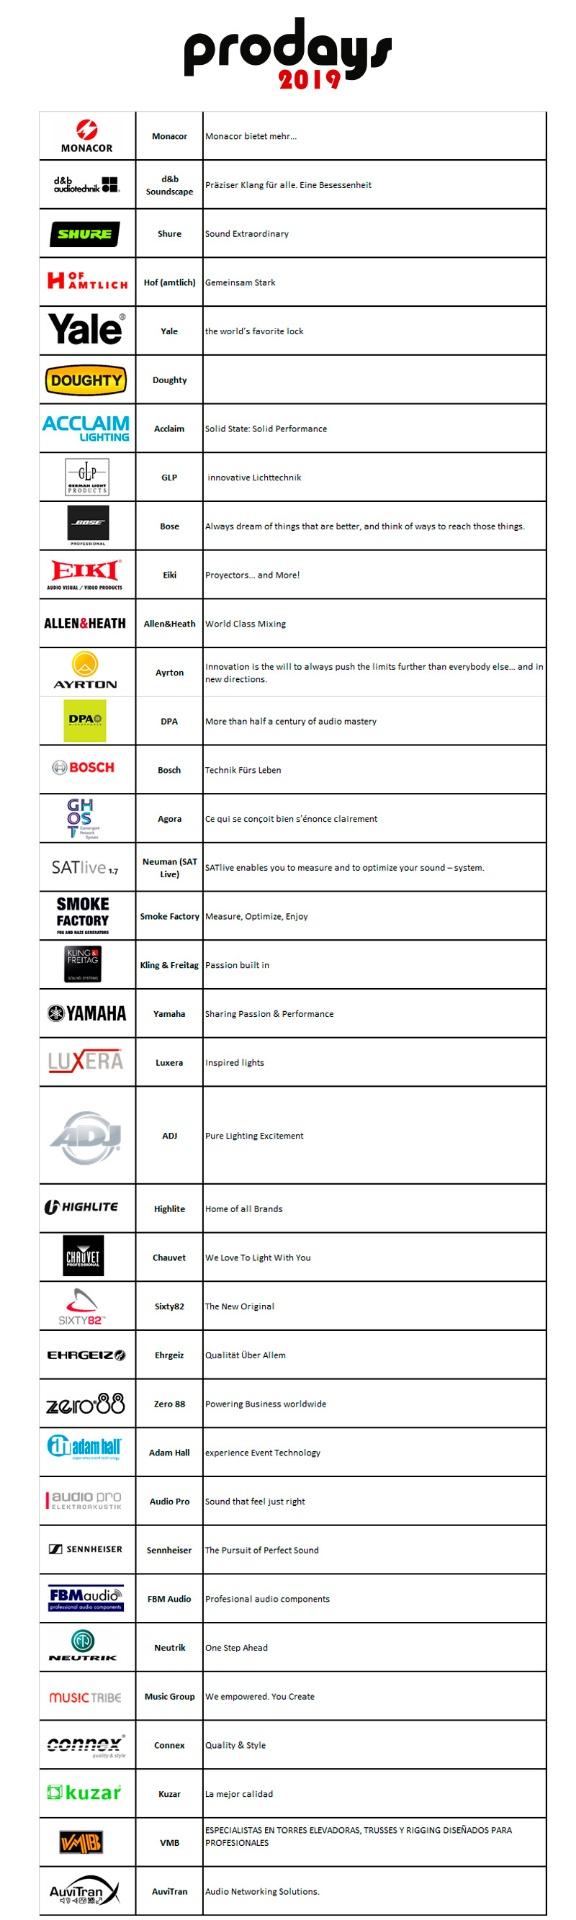 slogans-brands